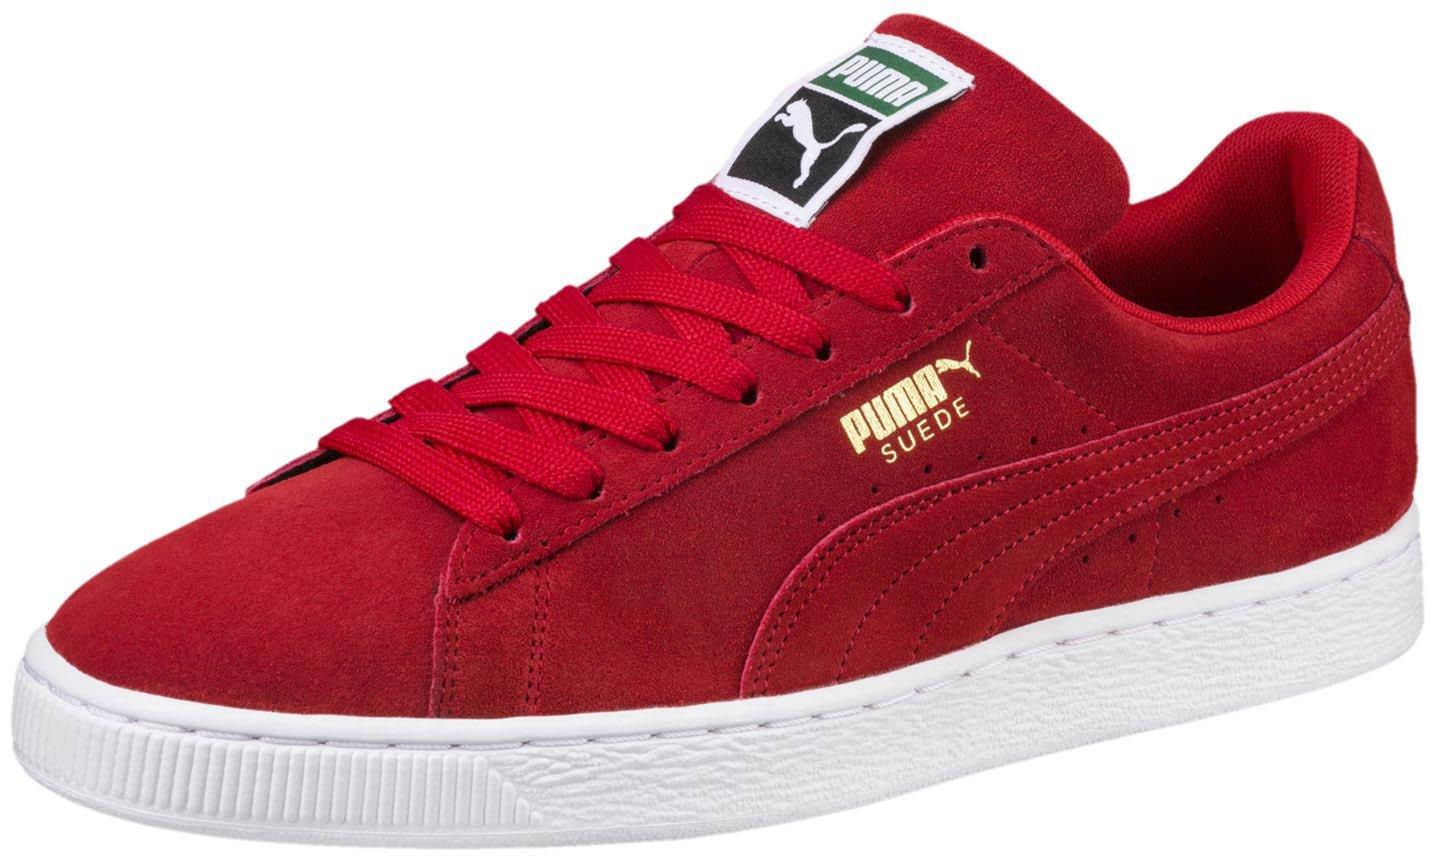 [プーマ] スニーカー SUEDE CLASSIC+ 352634 B072N61XXK 10 D(M) US ハイリスクレッド/ホワイト (High Risk Red/White) ハイリスクレッド/ホワイト (High Risk Red/White) 10 D(M) US